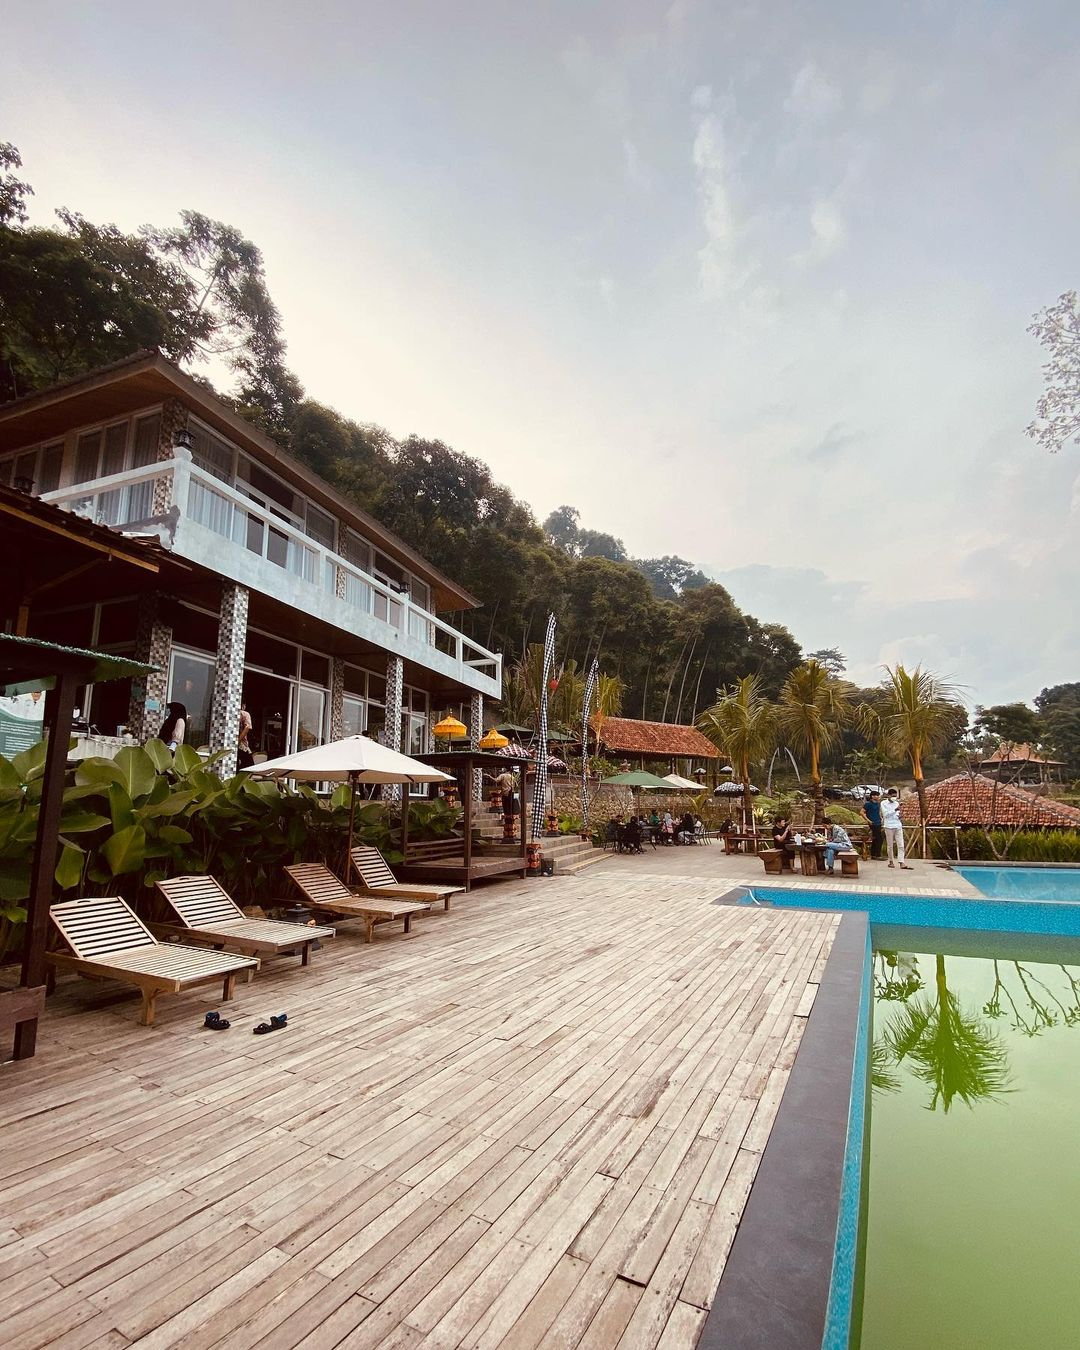 Pinggir Kolam Renang Di Mandapa Kirana Resort Sentul Image From @daniel_candra